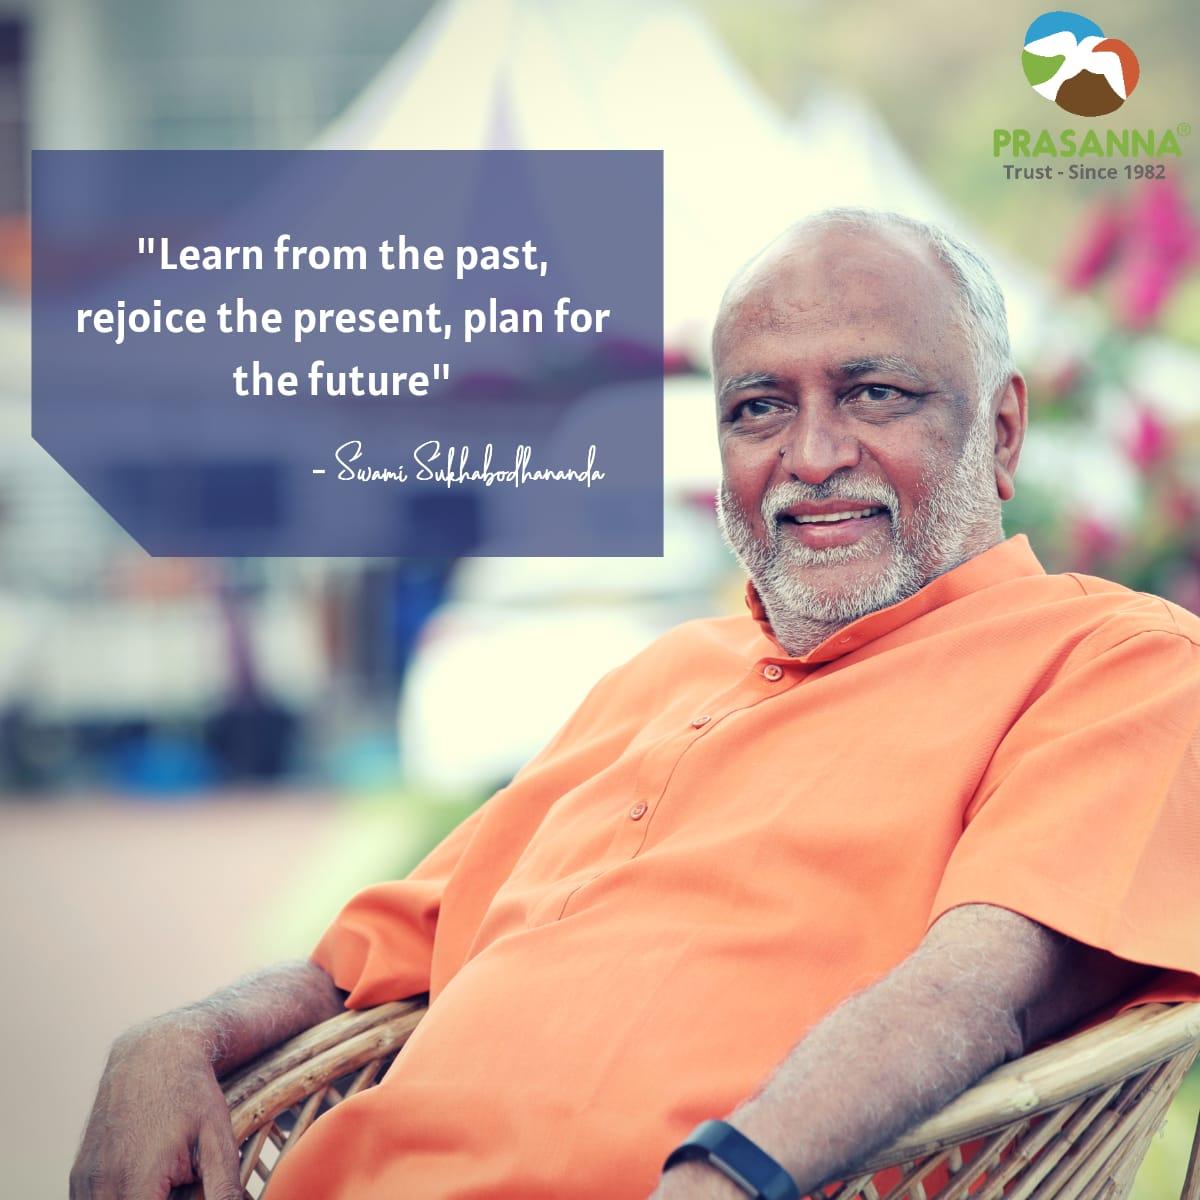 #fridayThoughts #quotes #thoughtoftheday #inspiration #motivationalquoteoftheday #motivationalquotes #vedanta #positiveaquotes #swamijiquotes #swamisukhabodhananda #prasannatrust https://t.co/Cx4XMO7zDr